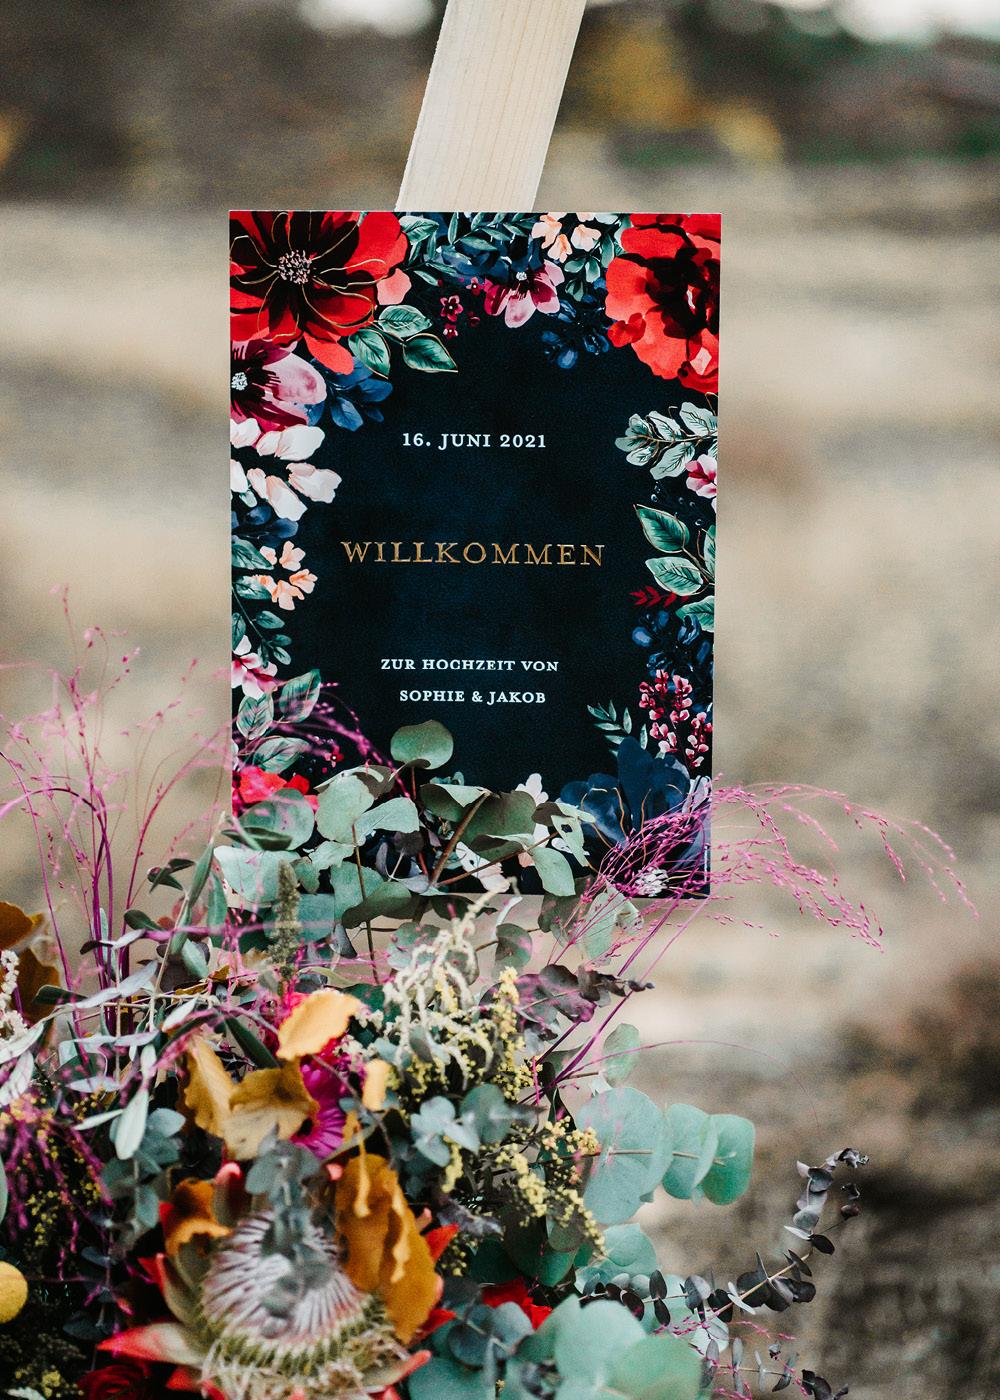 Willkommensschild in dunkelblau mit bunten, handgezeichneten Blüten und goldener Schrift-Veredelung